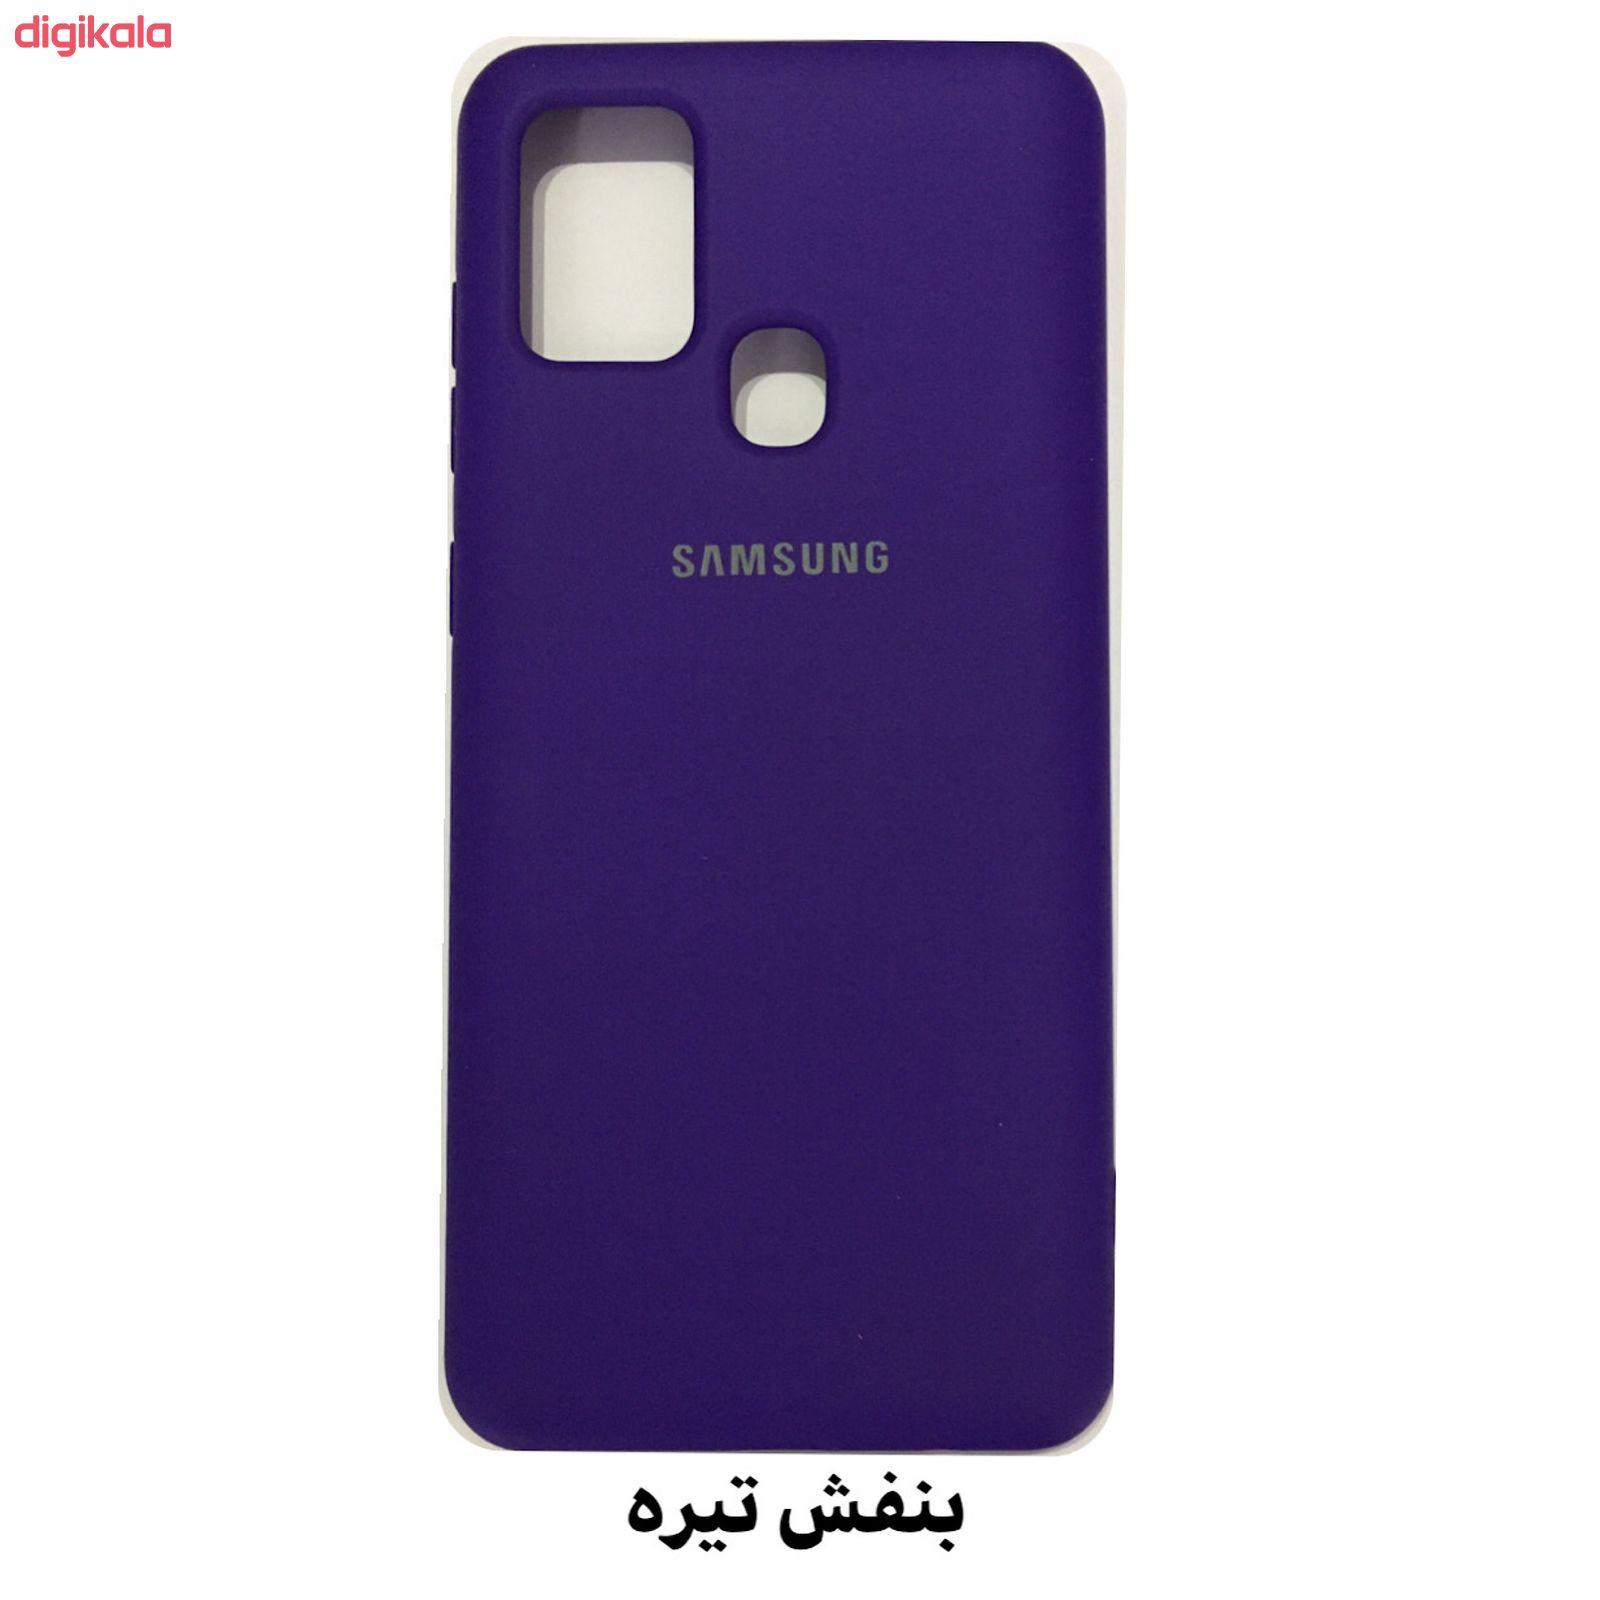 کاور مدل Sil-0021s مناسب برای گوشی موبایل سامسونگ Galaxy A21s main 1 1